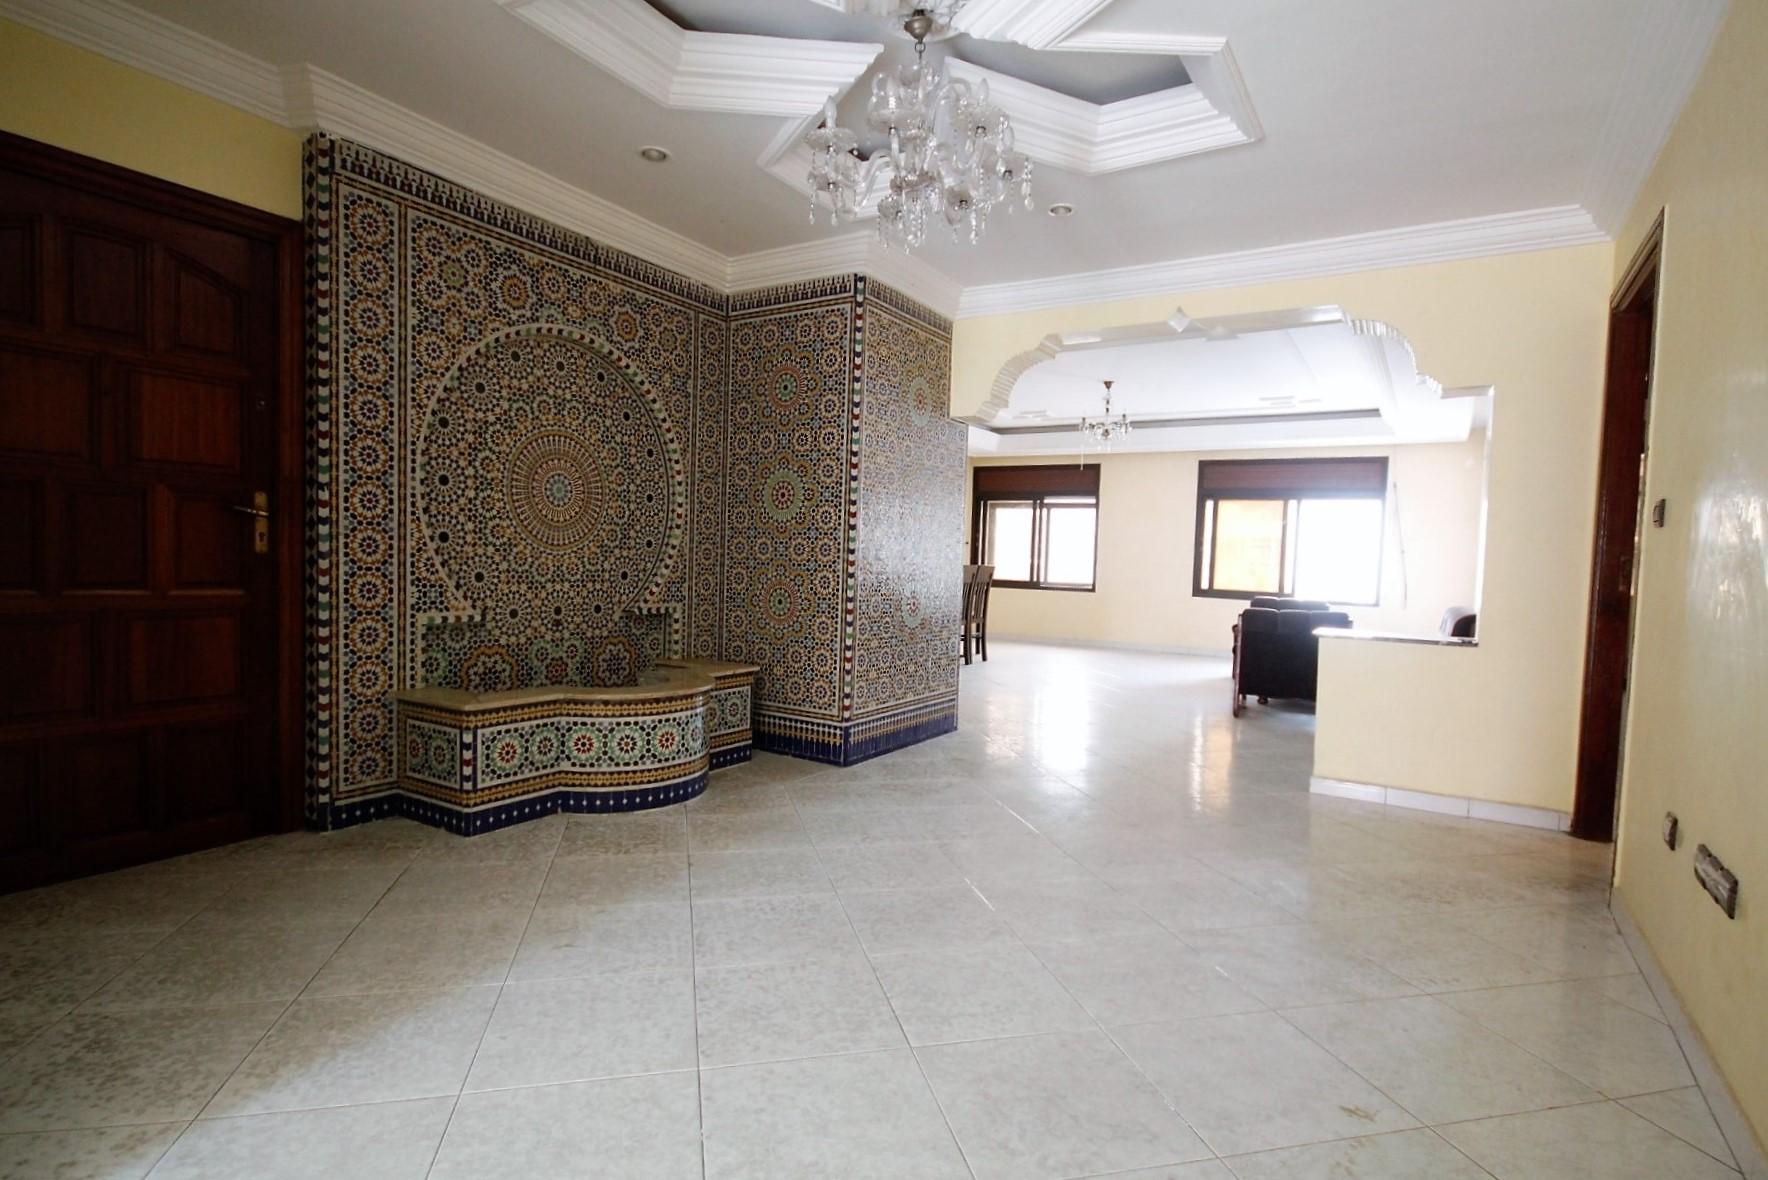 Maroc, Casablanca, Racine (sur Bld Zerktouni), appartement de caractère de 3 chambres et d'une superficie de 175 m² à acheter